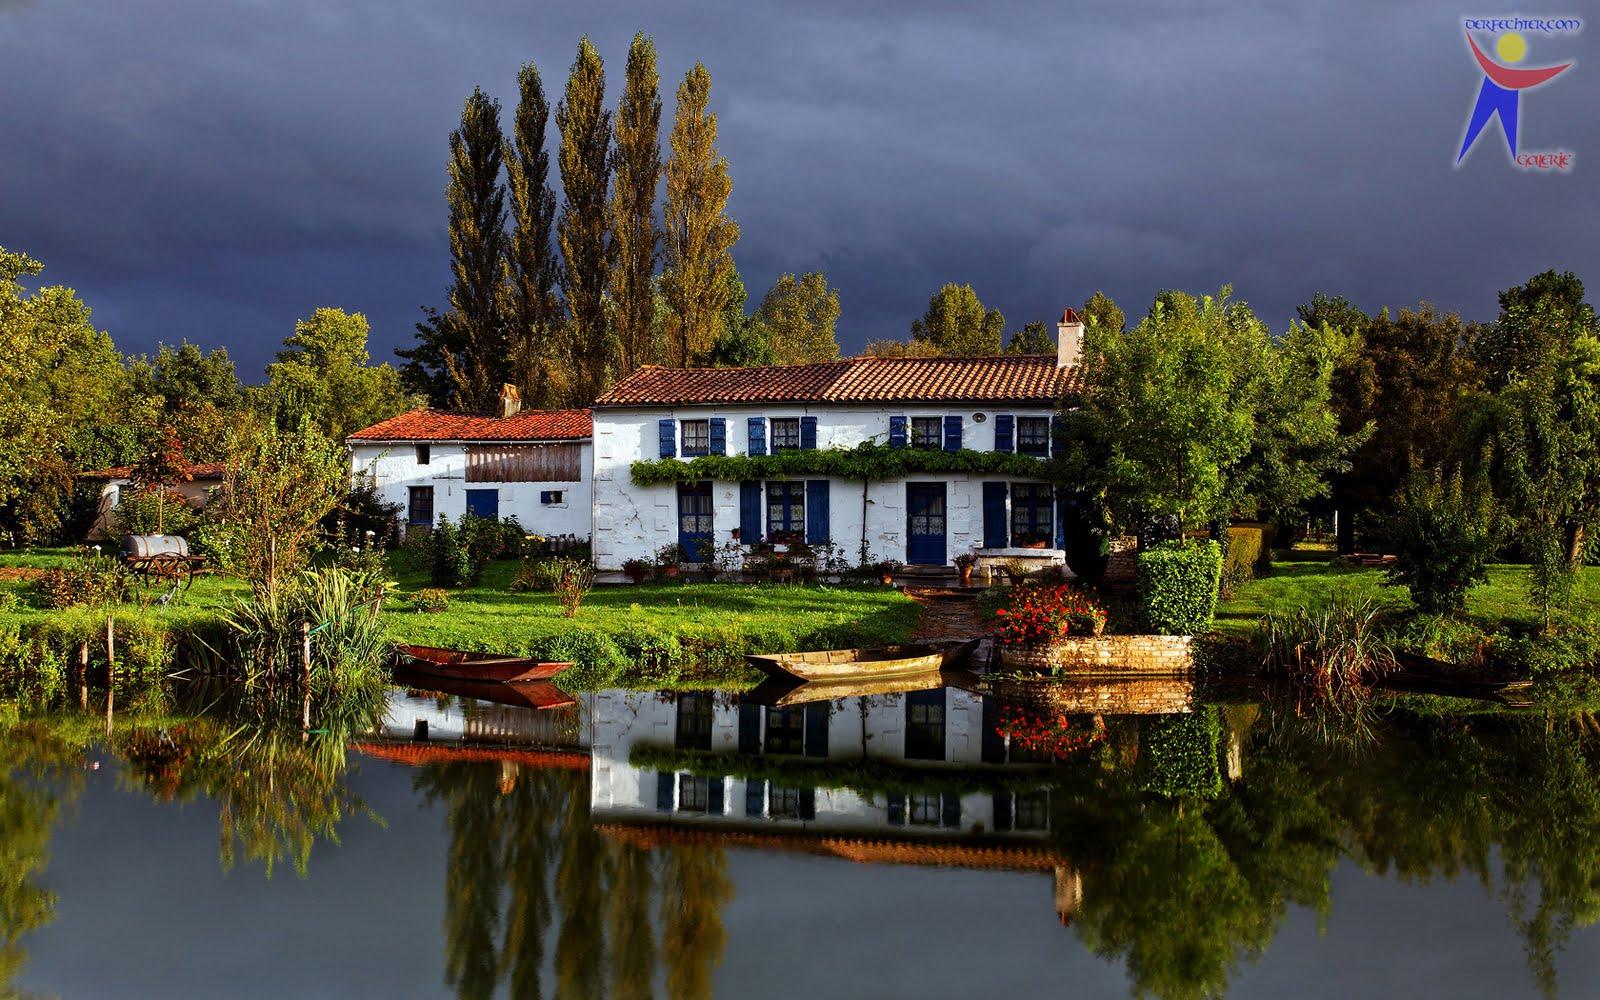 DerFechter: Wolkenschein + Haus am See